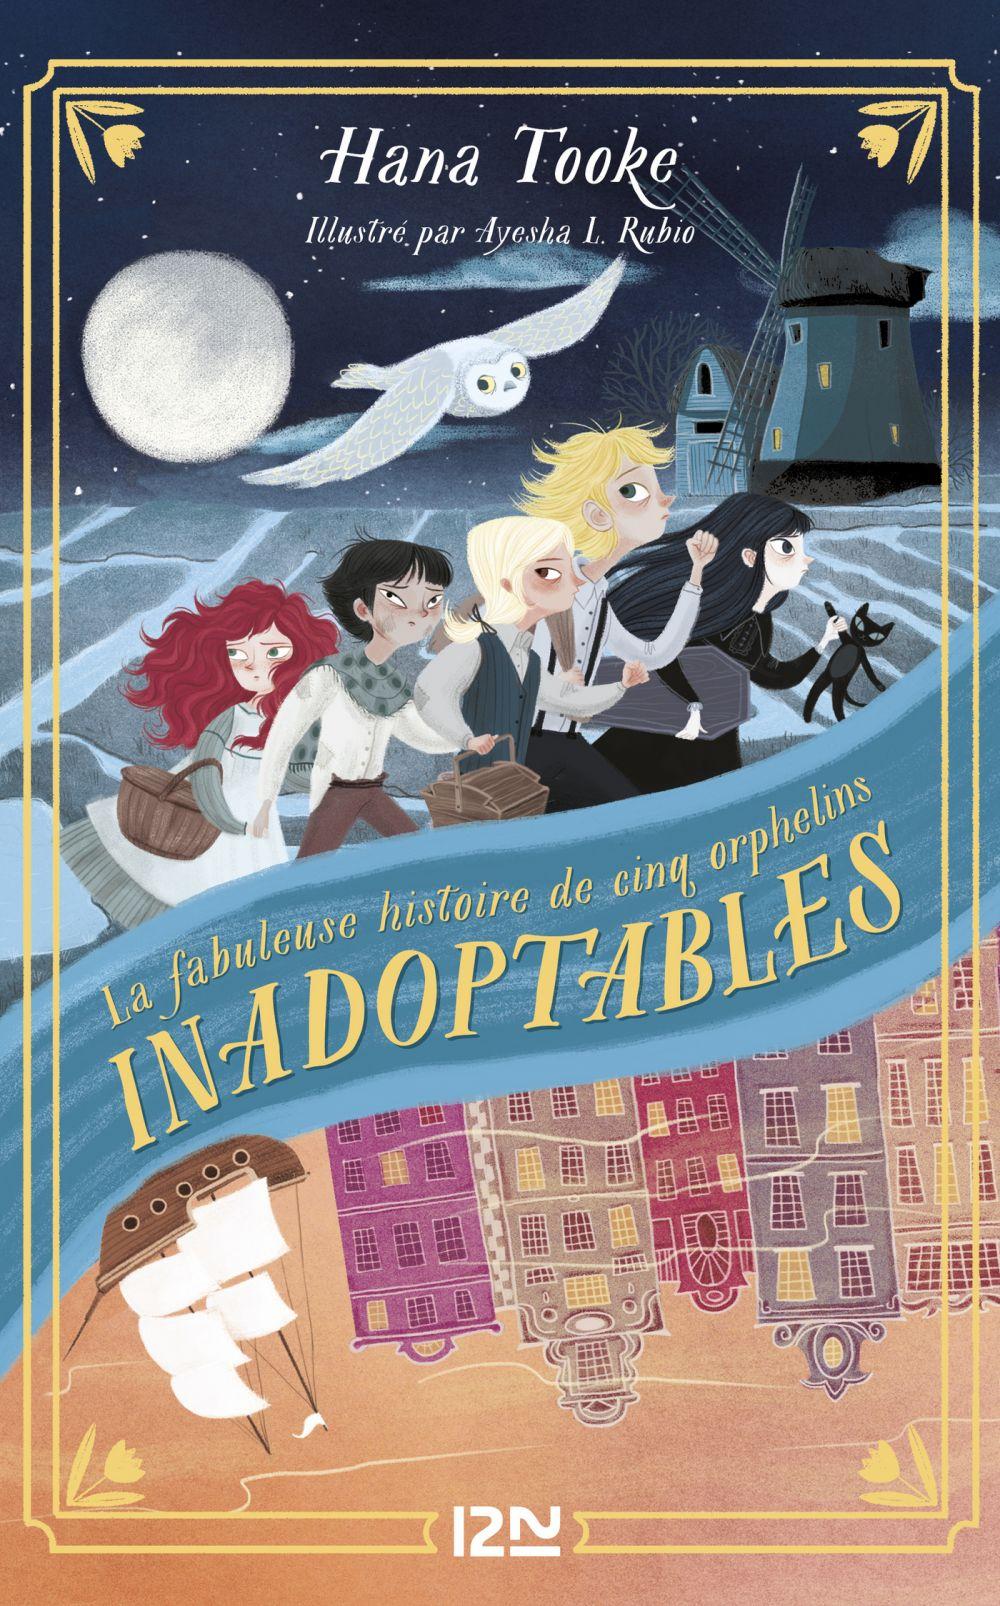 La fabuleuse histoire de cinq orphelins inadoptables |